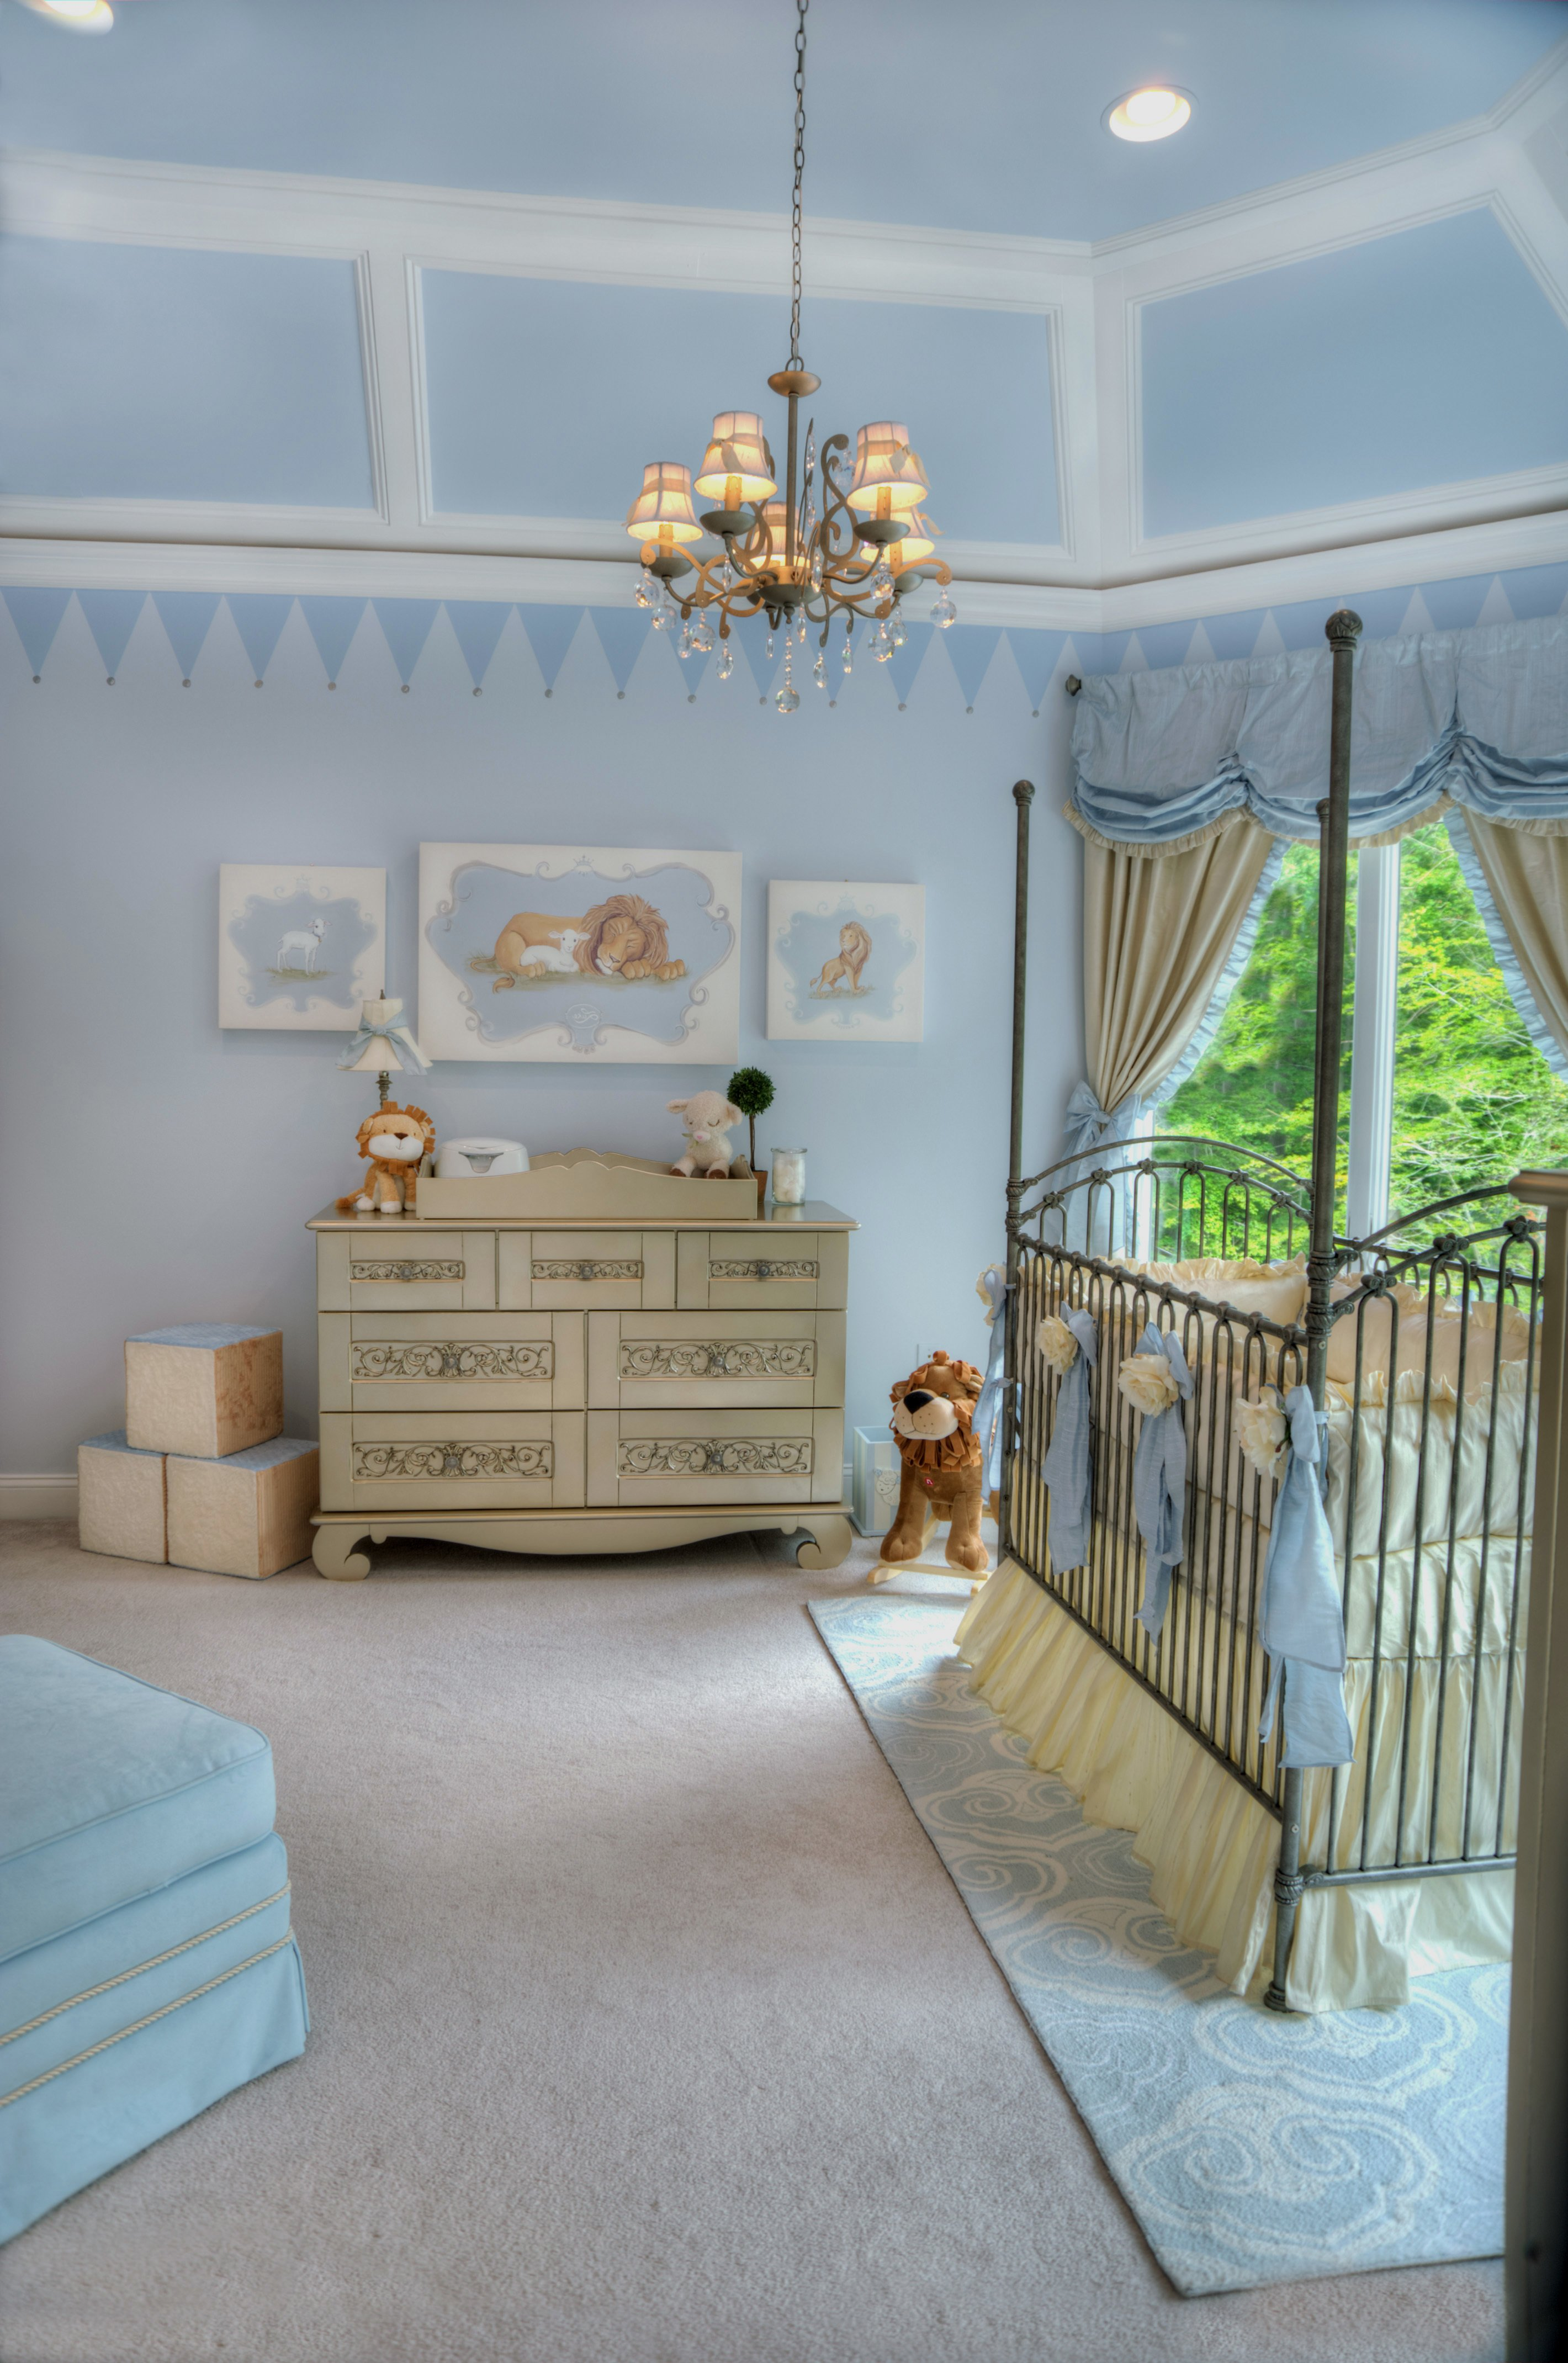 Kinderzimmer gestalten ideen f r ein schickes und gem tliches kidszone kinderzimmer zenideen - Babyzimmer gestaltungsideen ...